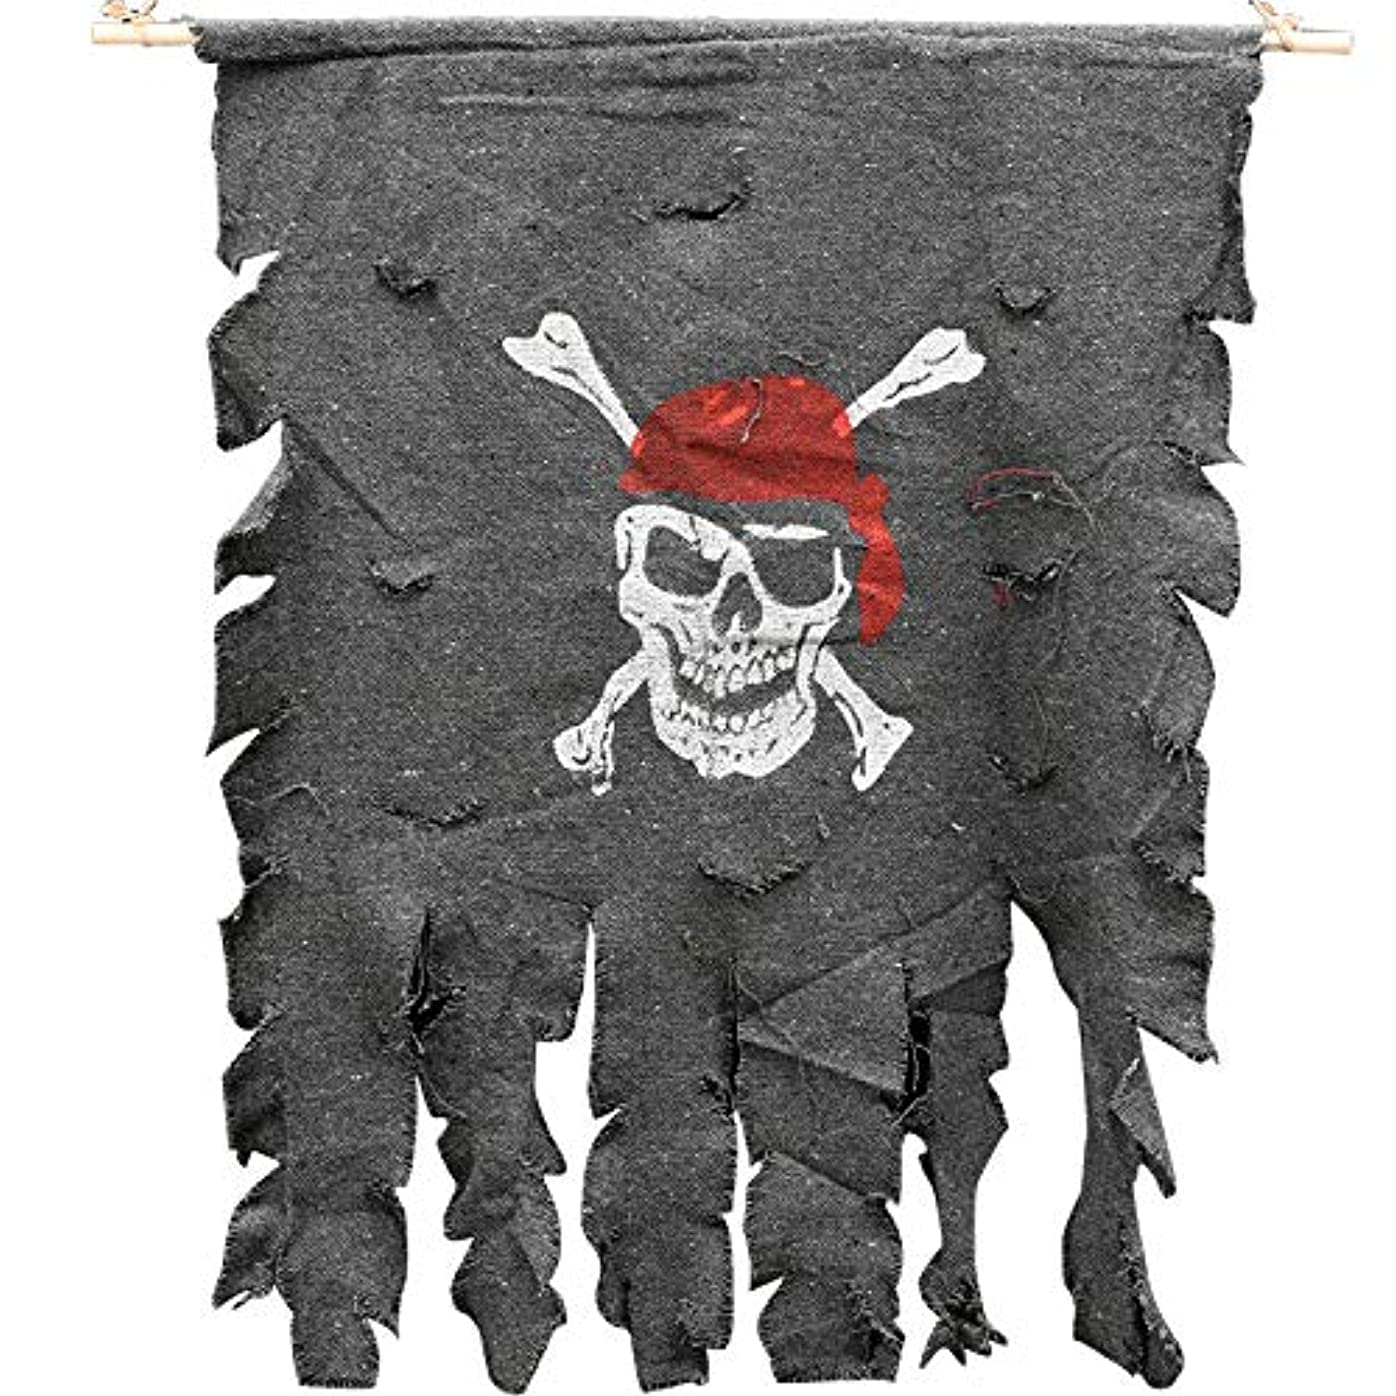 返済レシピ非常にETRRUU HOME ハロウィンジョリーロジャー大パーティーデコレーションKTV旗バナーぶら下げ旗アレンジメントの小道具